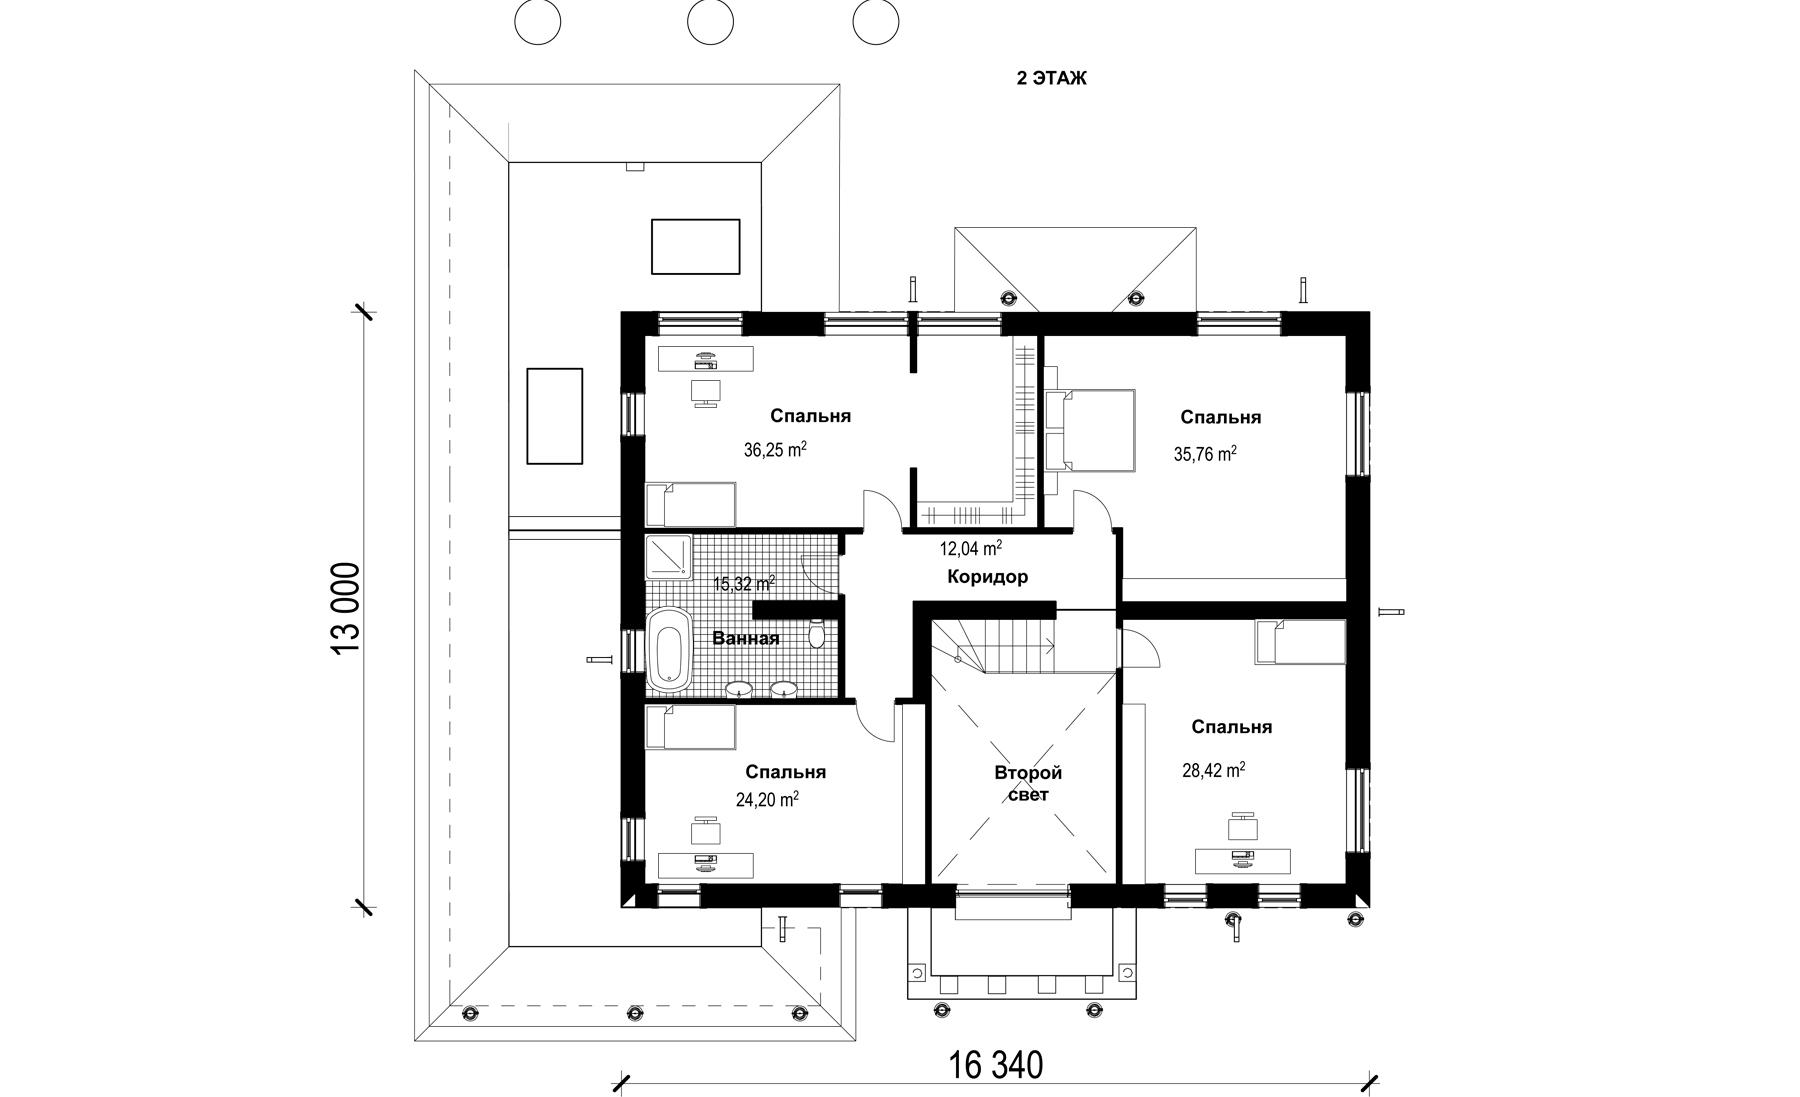 Проект 2 этажного дома из блока с терассой TD